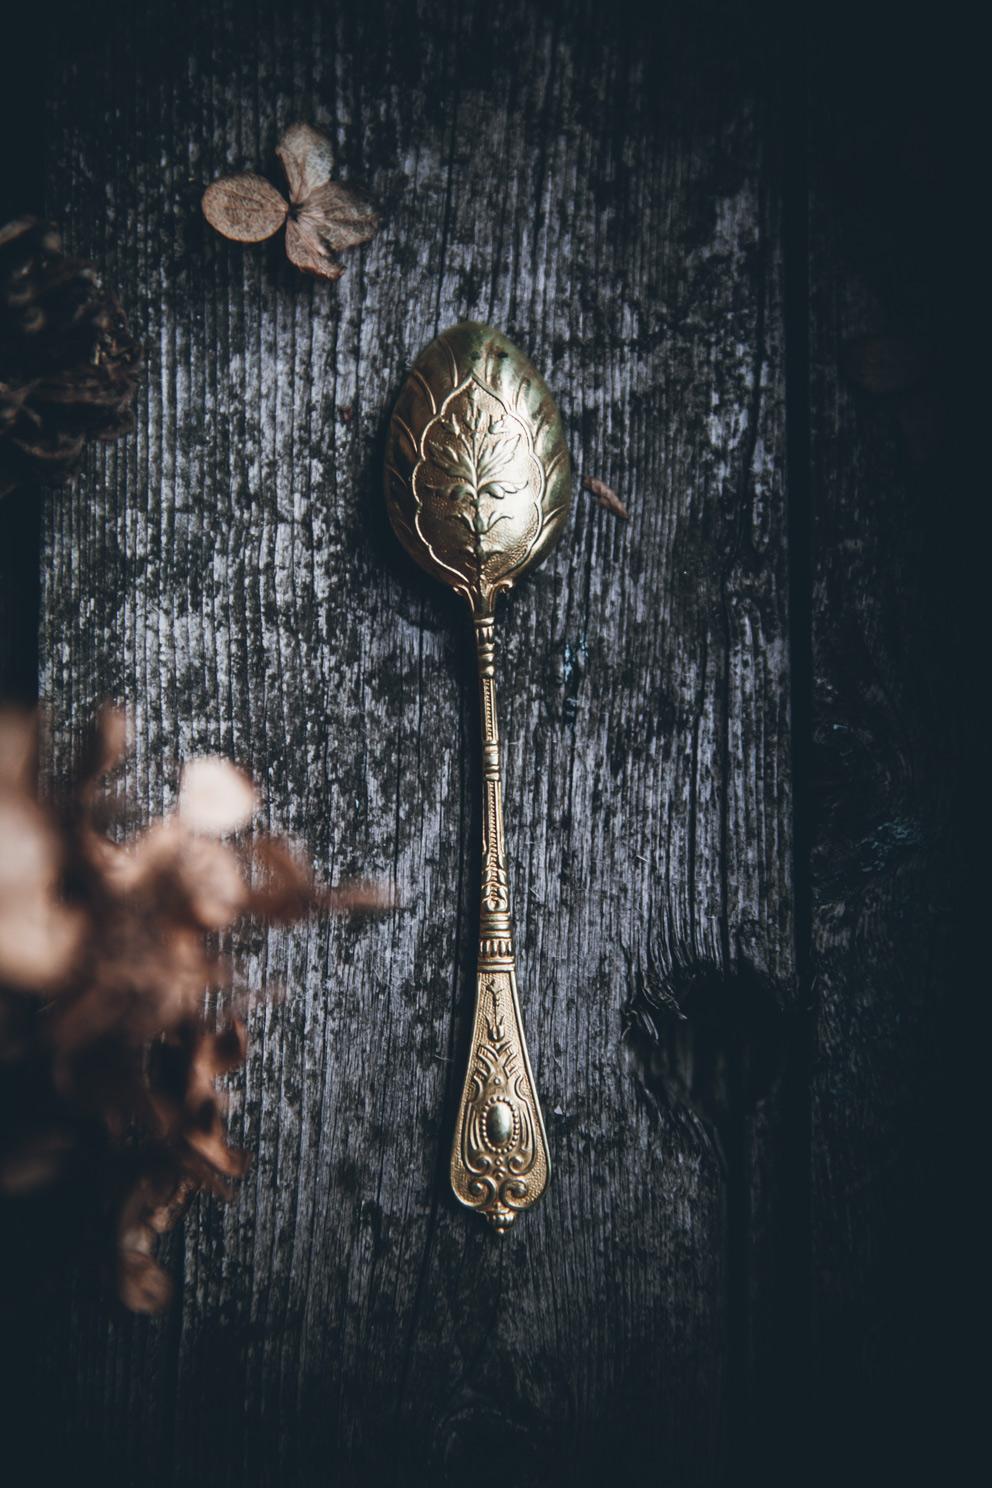 Lovely ornate spoon